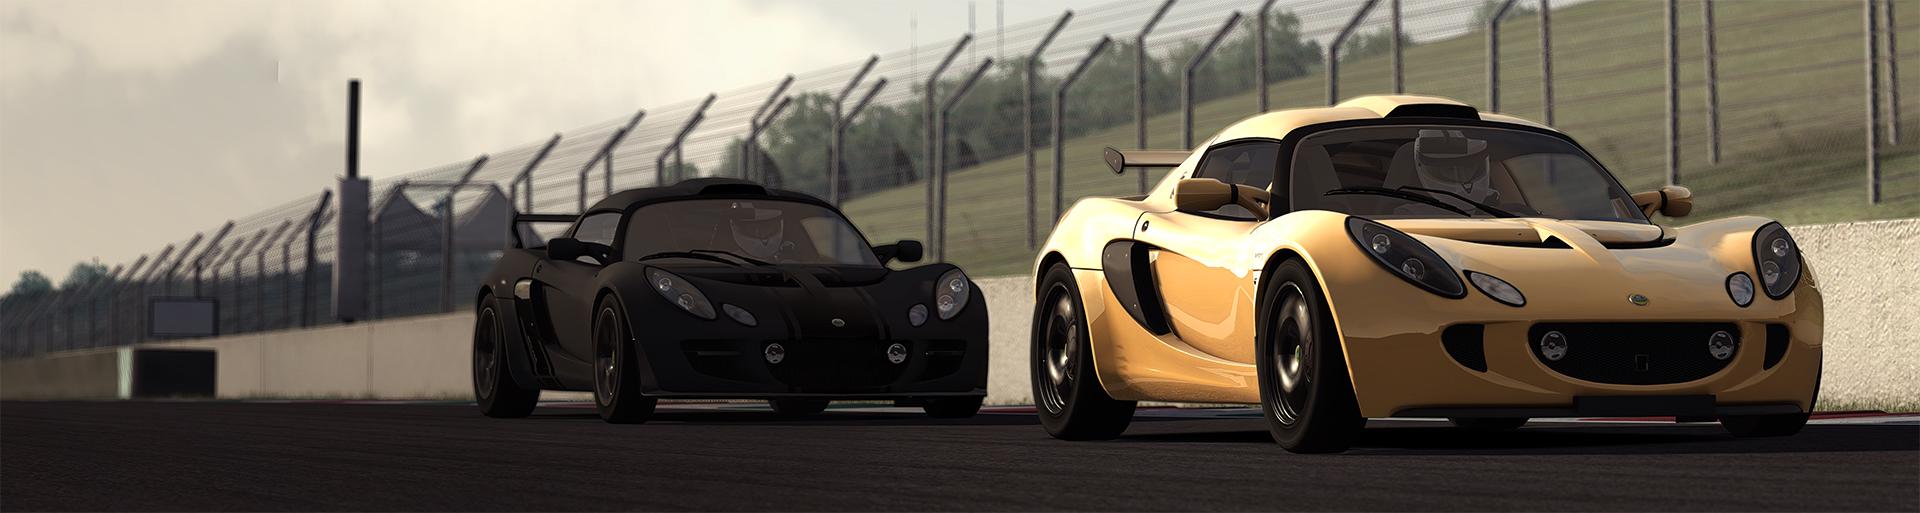 Exige racing